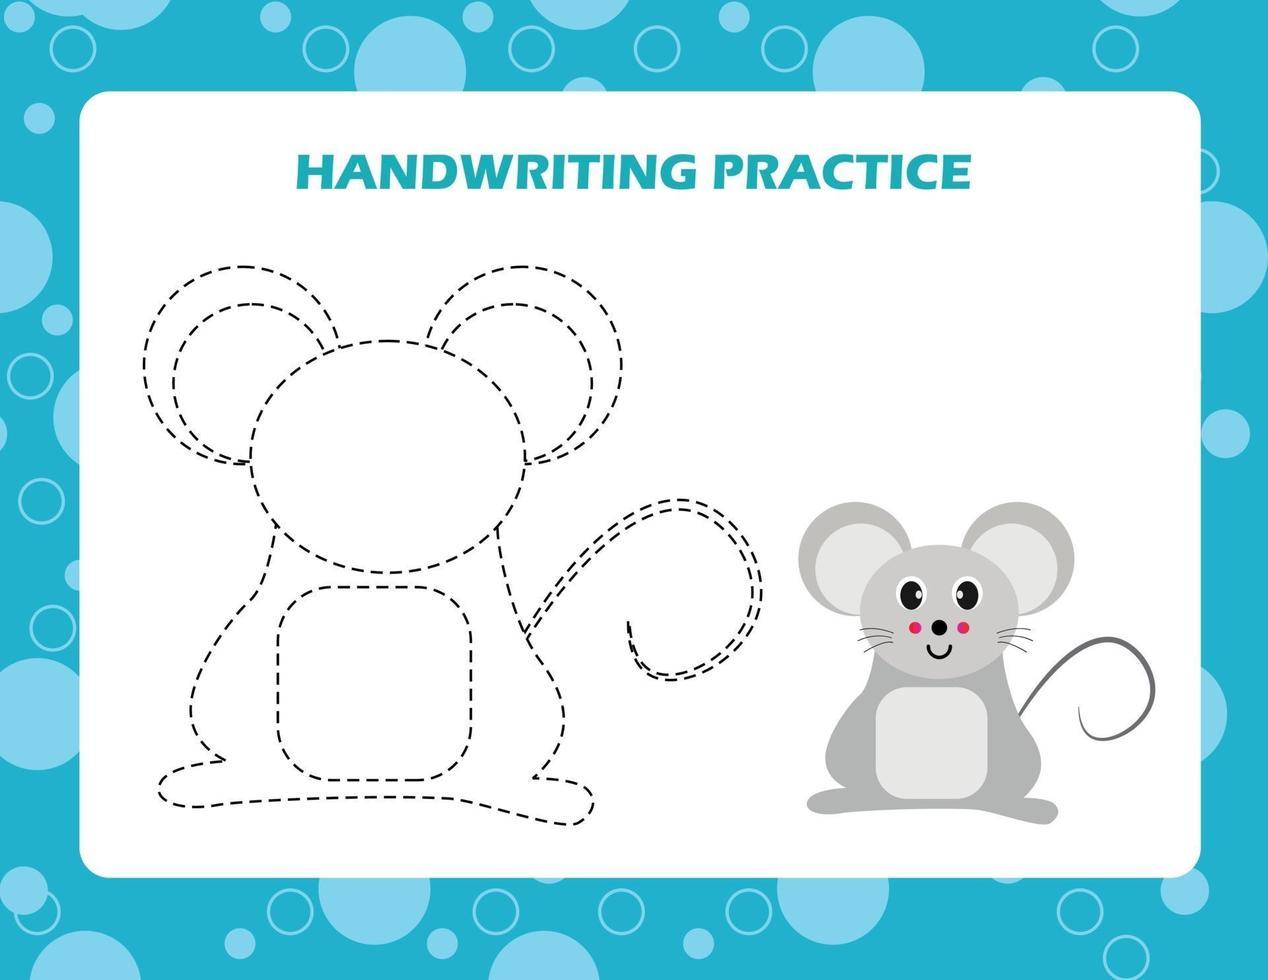 spåra linjerna med tecknad mus. skrivförmåga övning. vektor